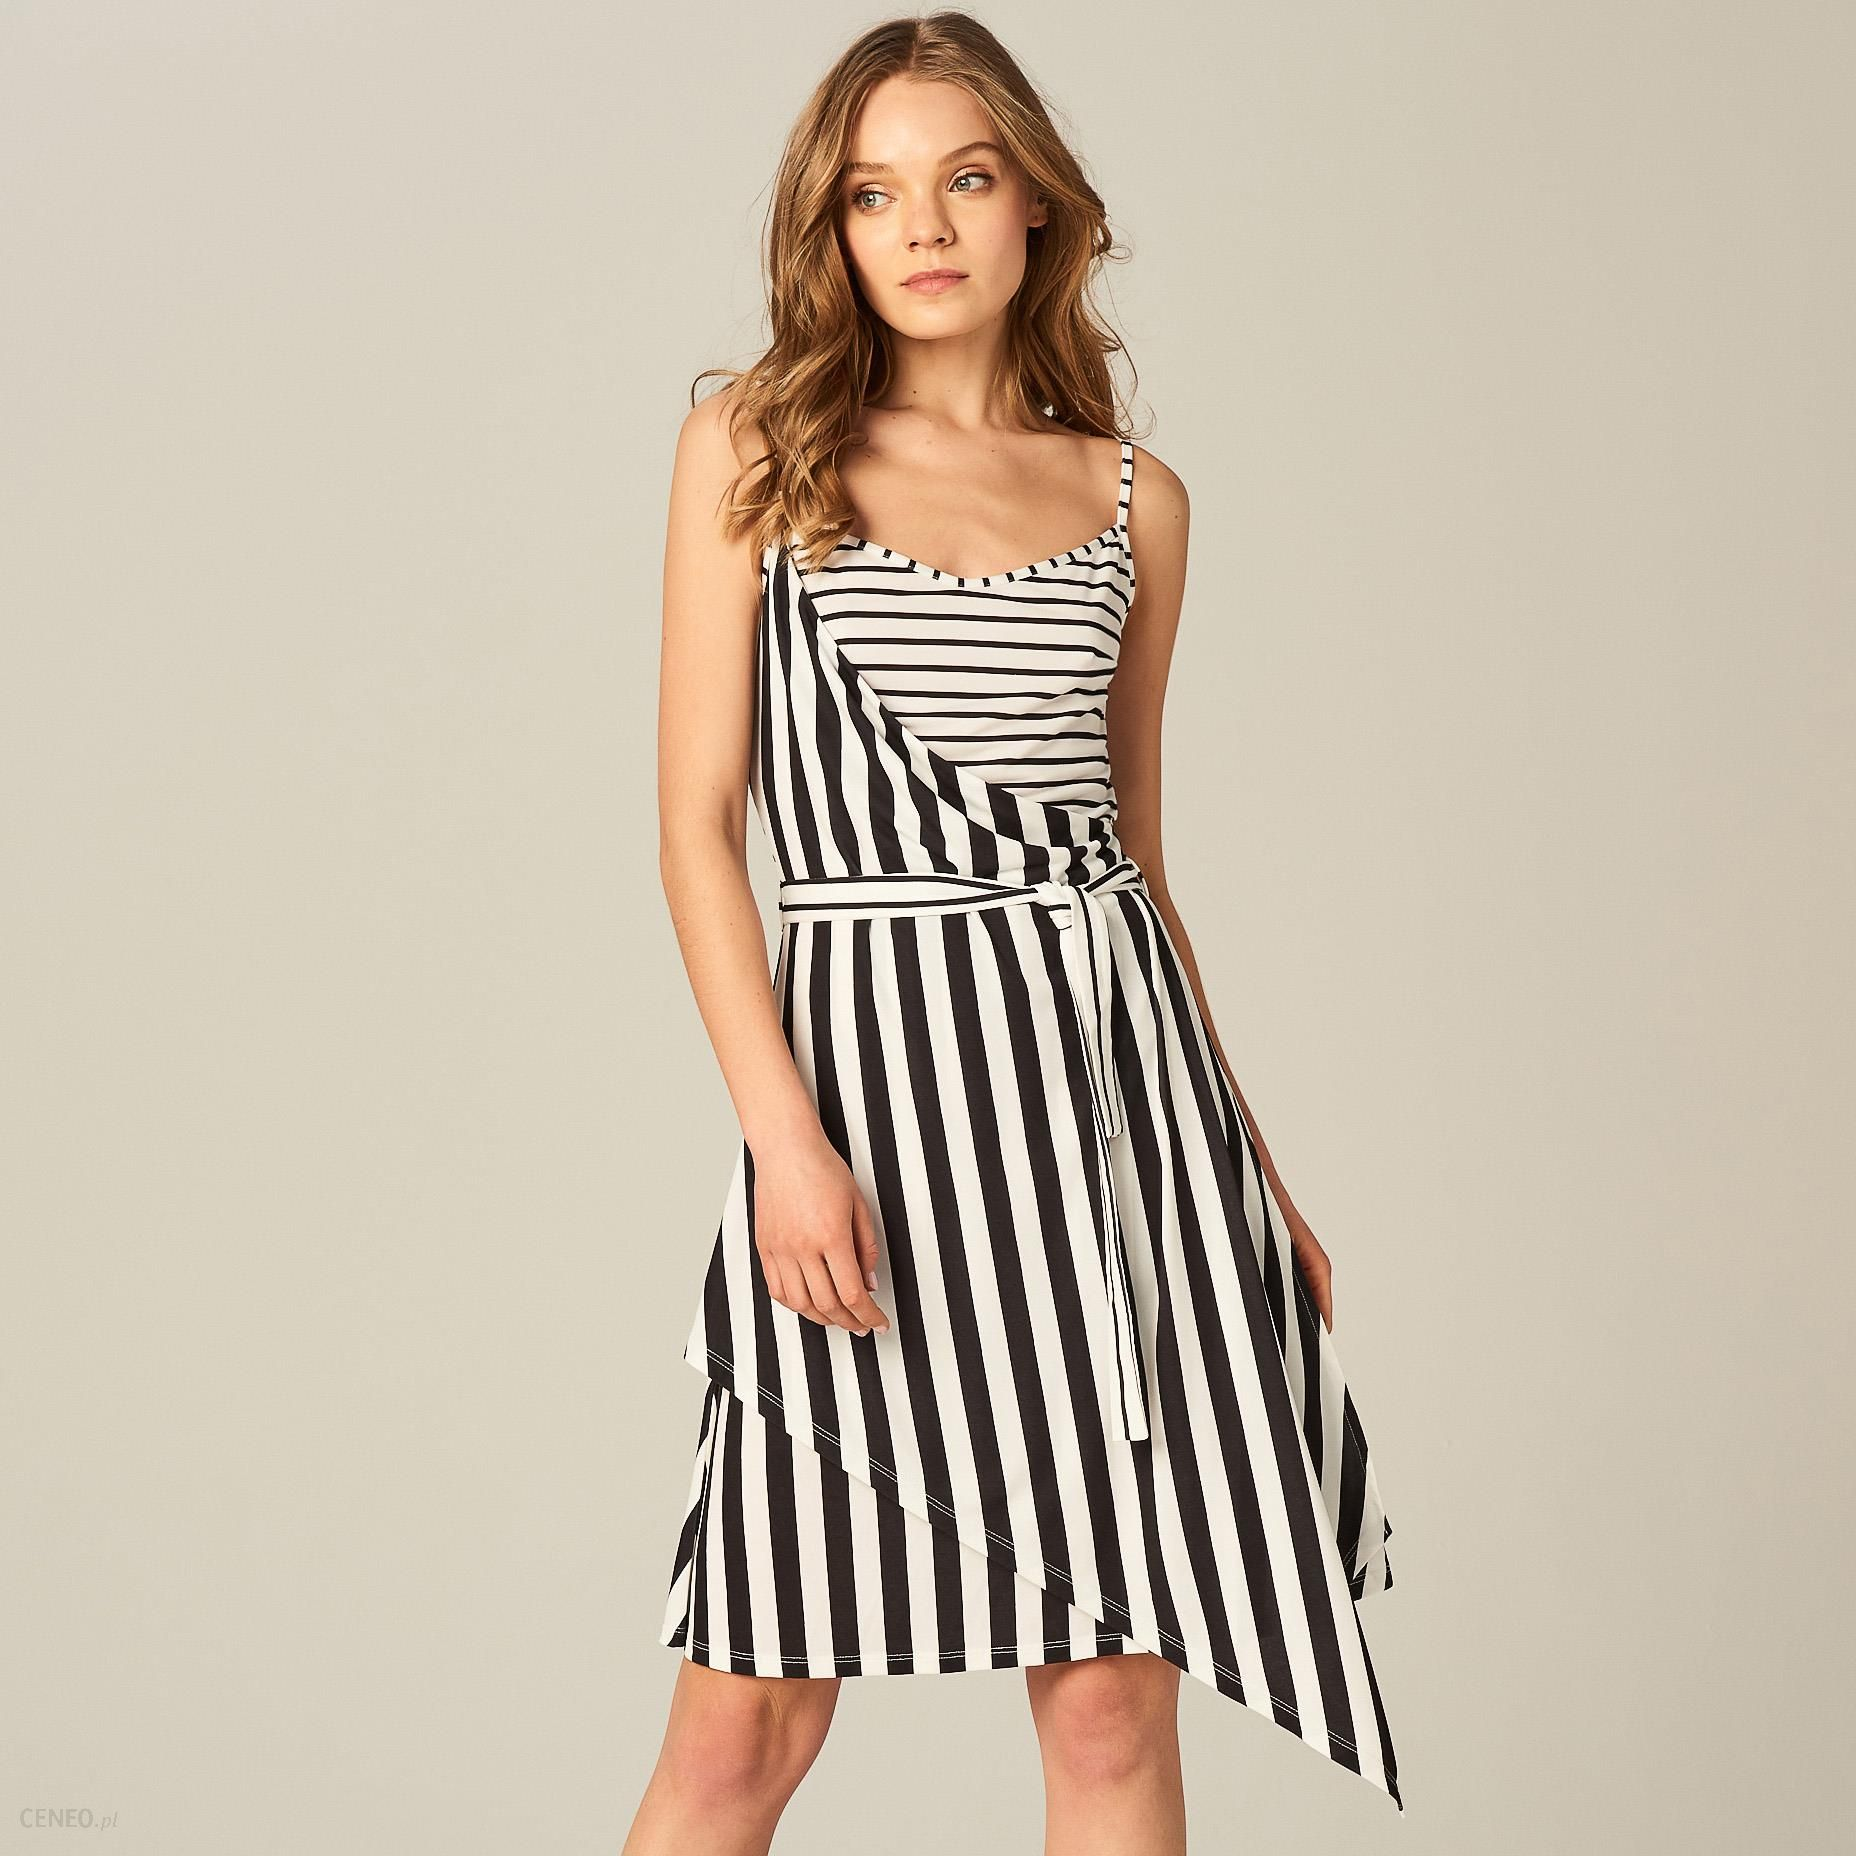 b494d09618 Mohito - Asymetryczna sukienka w pasy - Biały - Ceny i opinie - Ceneo.pl